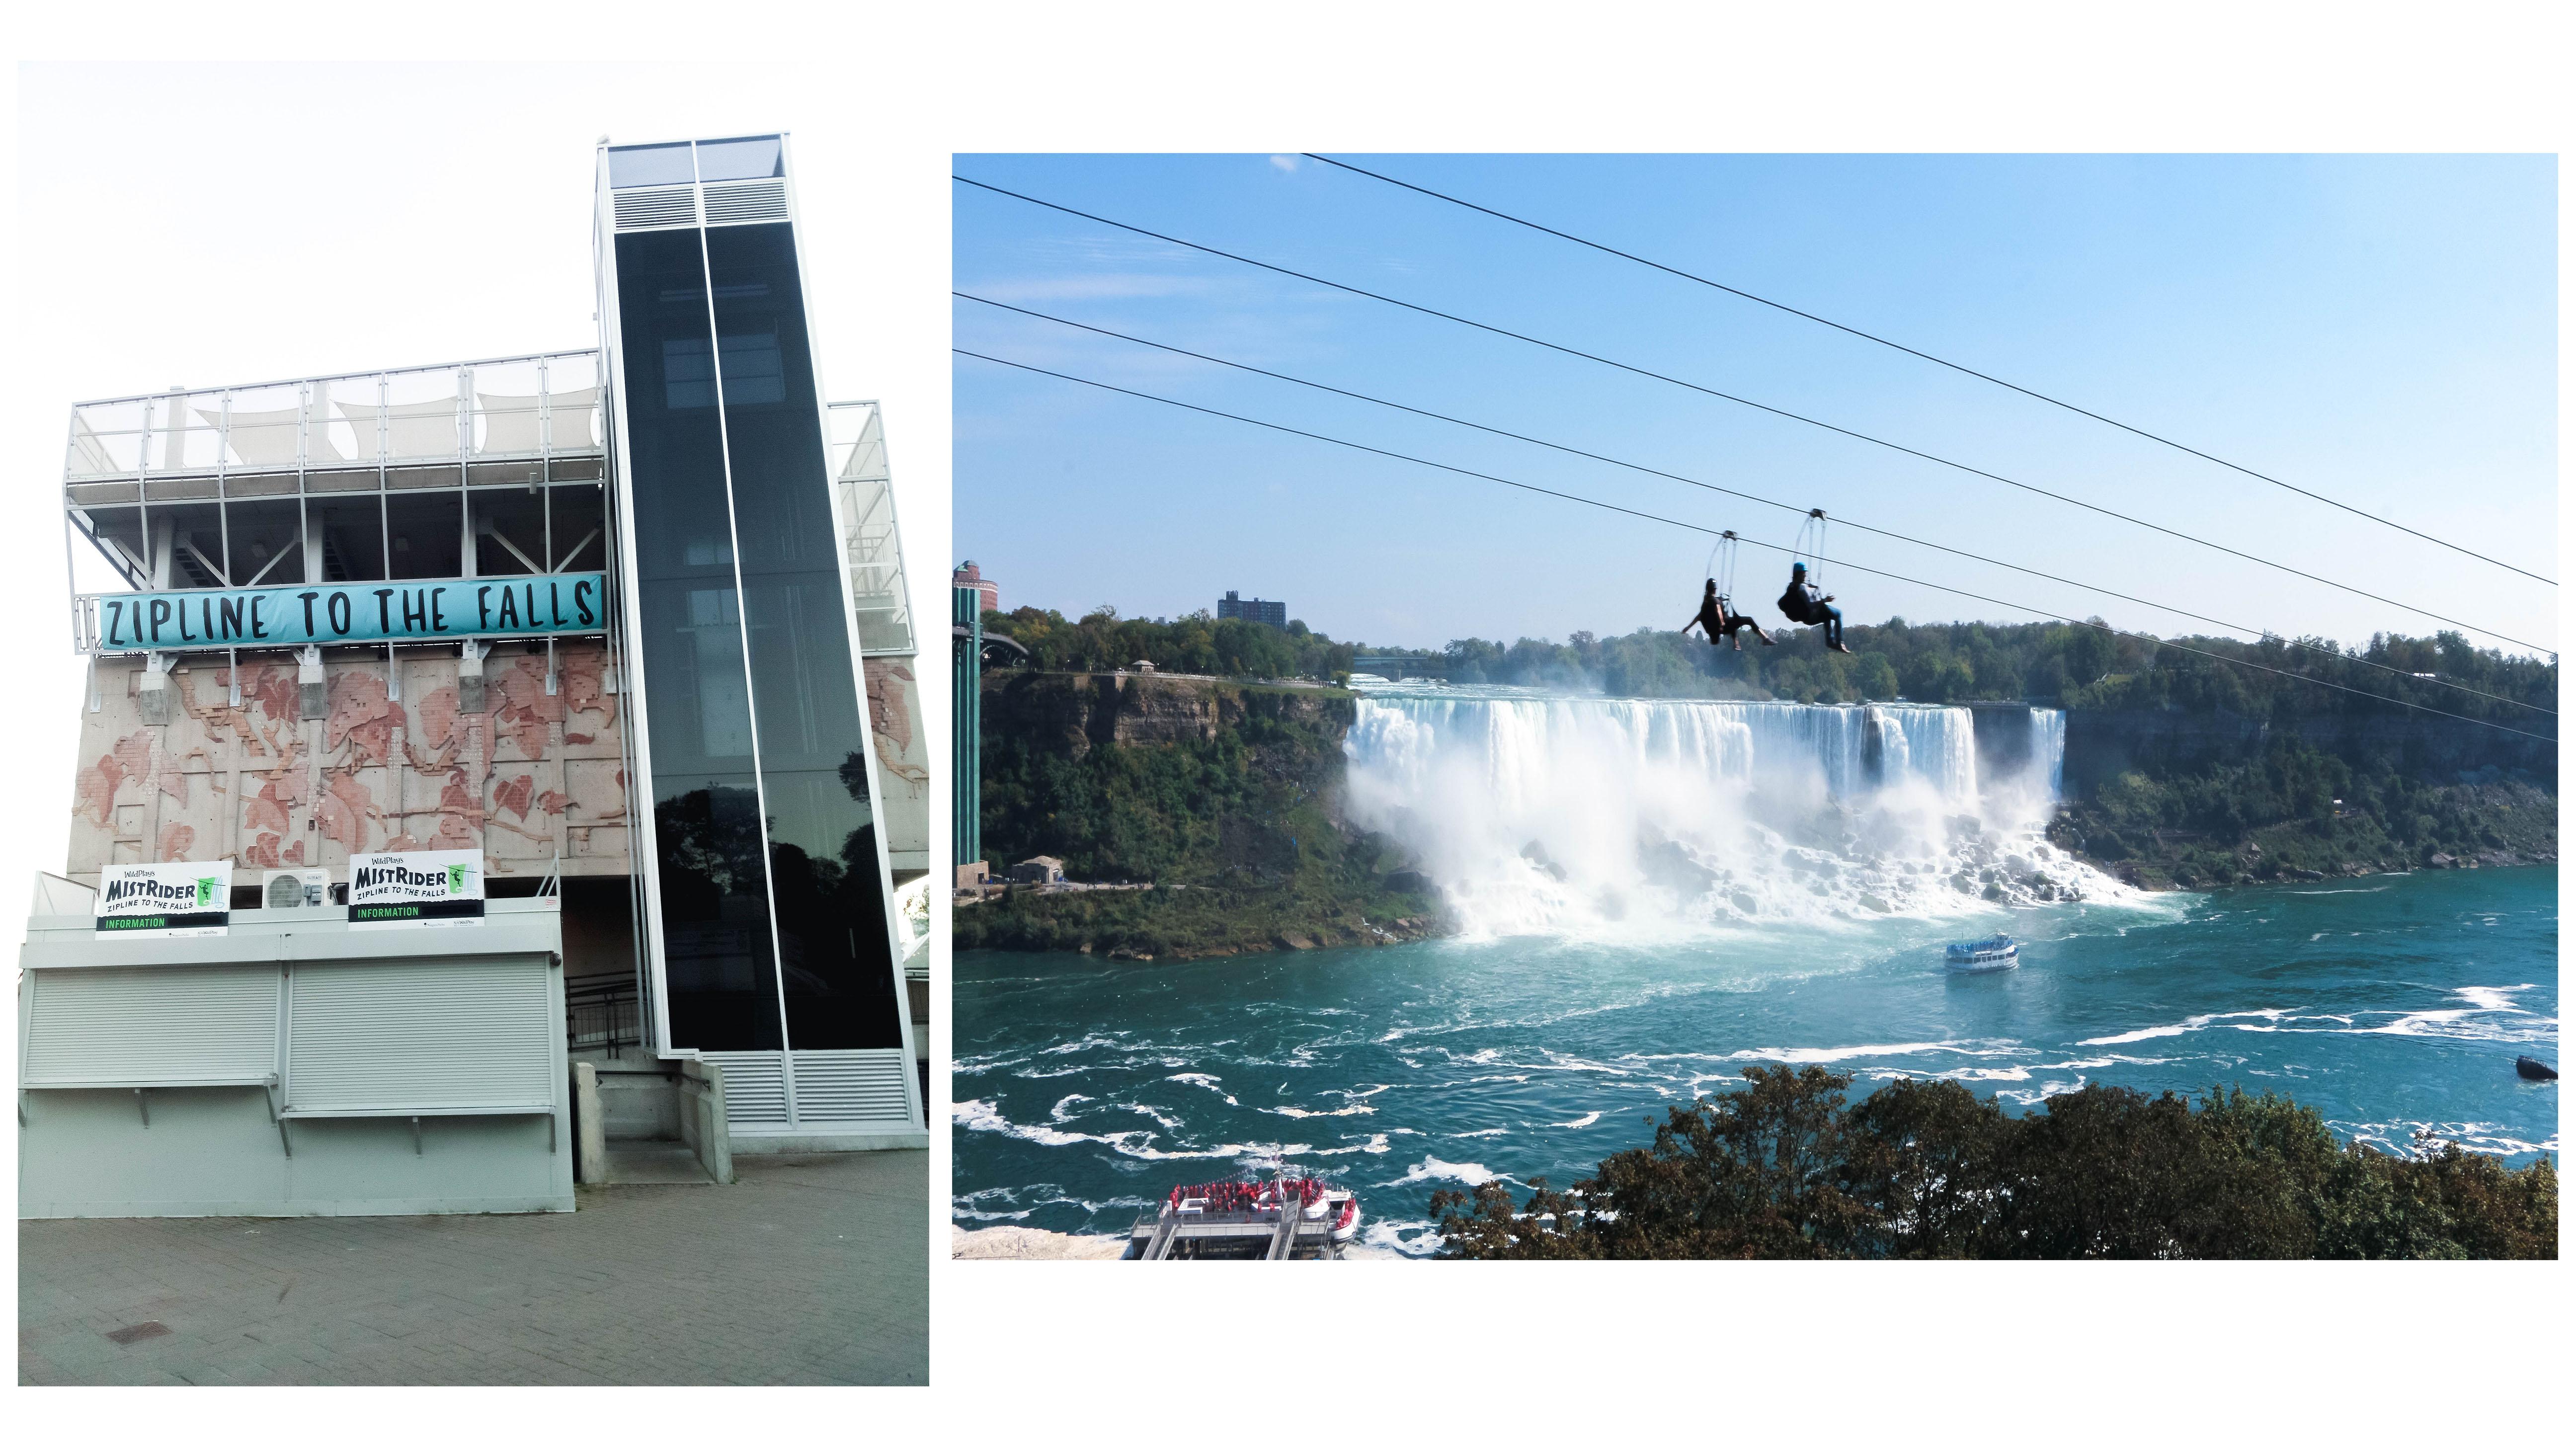 Niagara Falls mistrider zipline